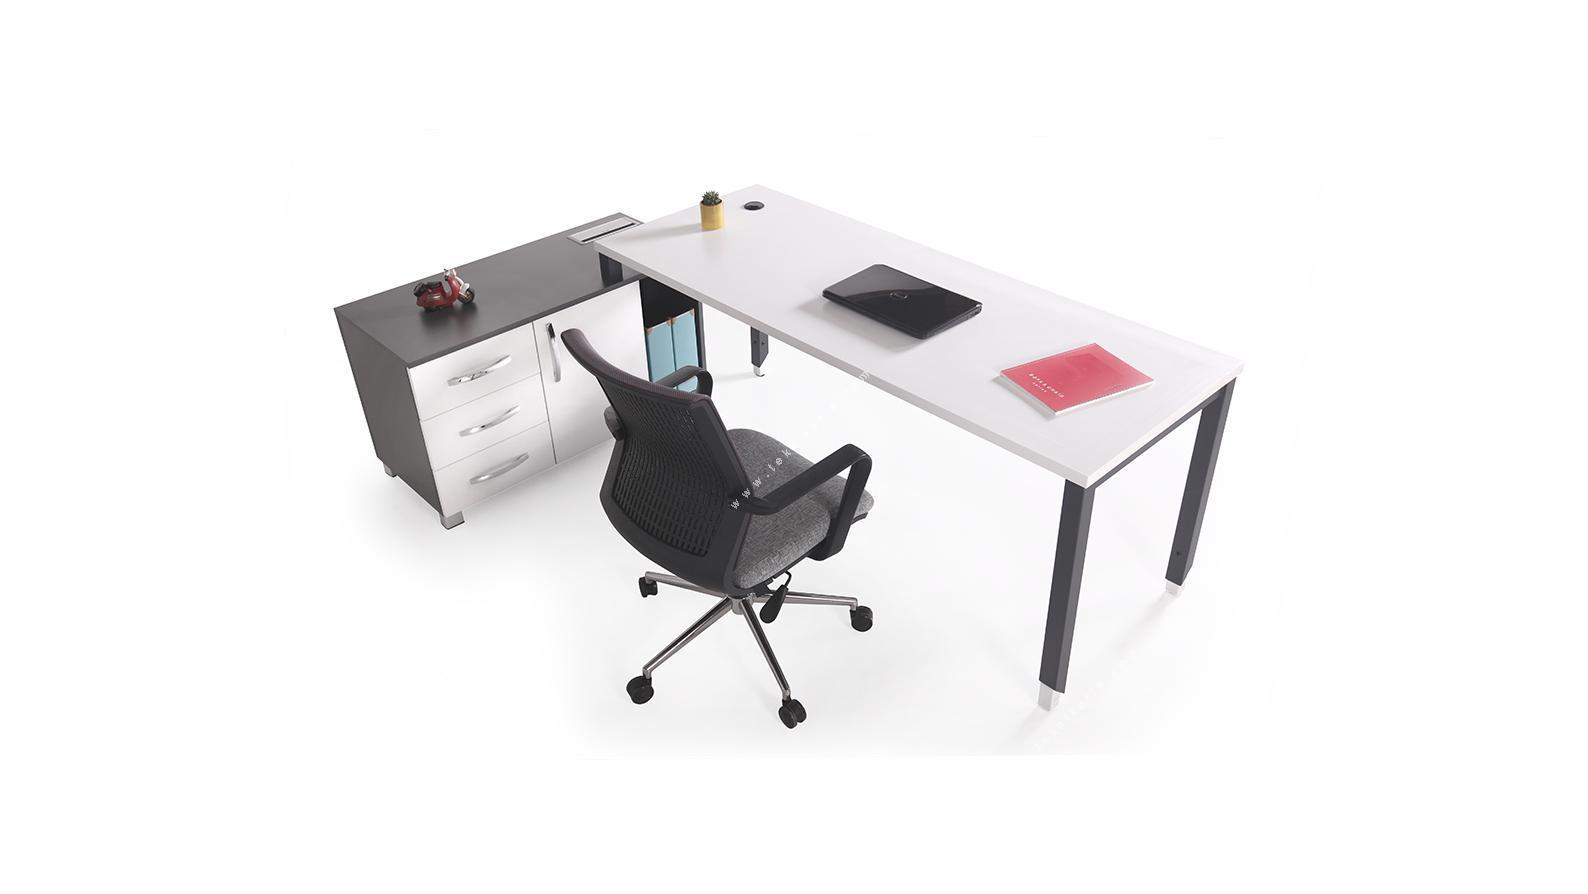 aveon etajerli çalışma masası 220cm